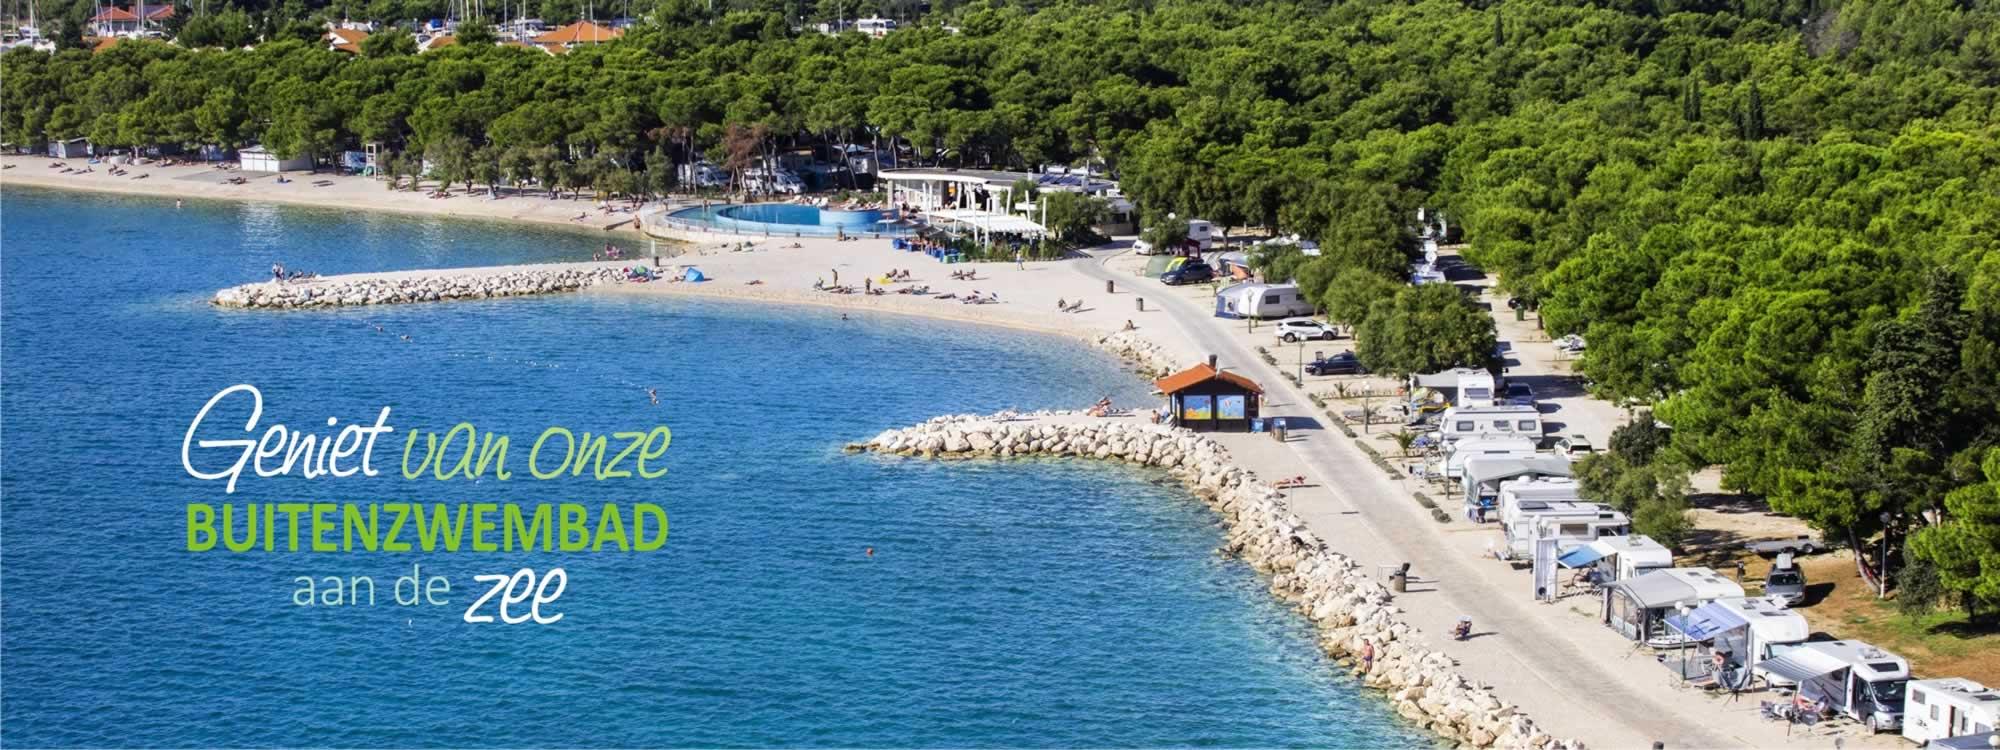 Solaris_camping_beach_resort_kroatie_buitenzwembad_an_dee_zee_vakantie